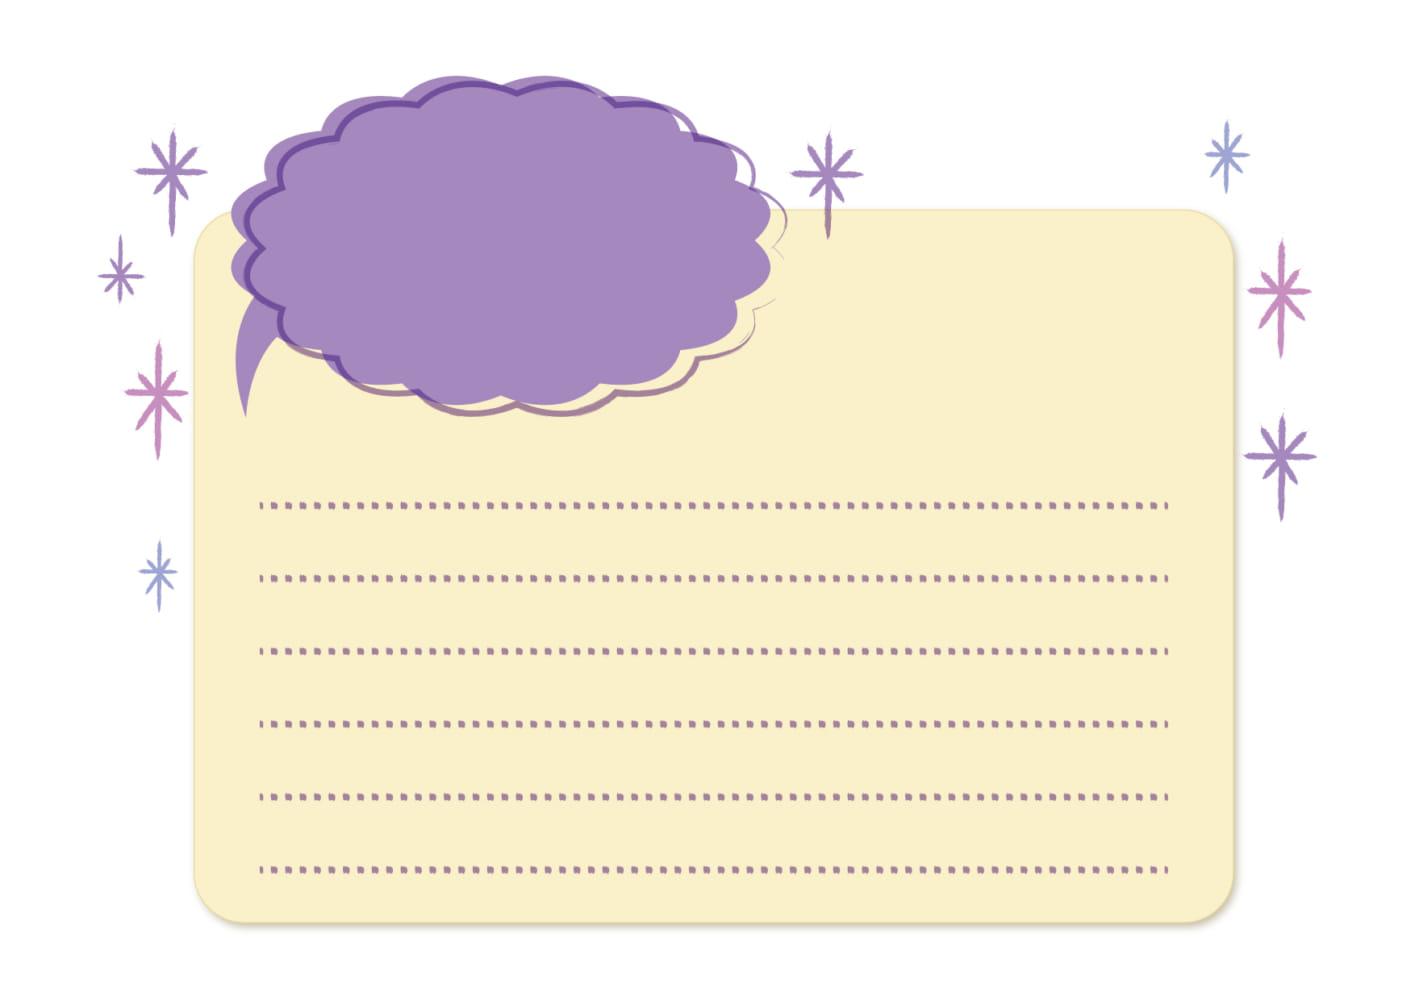 ノート 吹き出し 紫色 背景 イラスト 無料